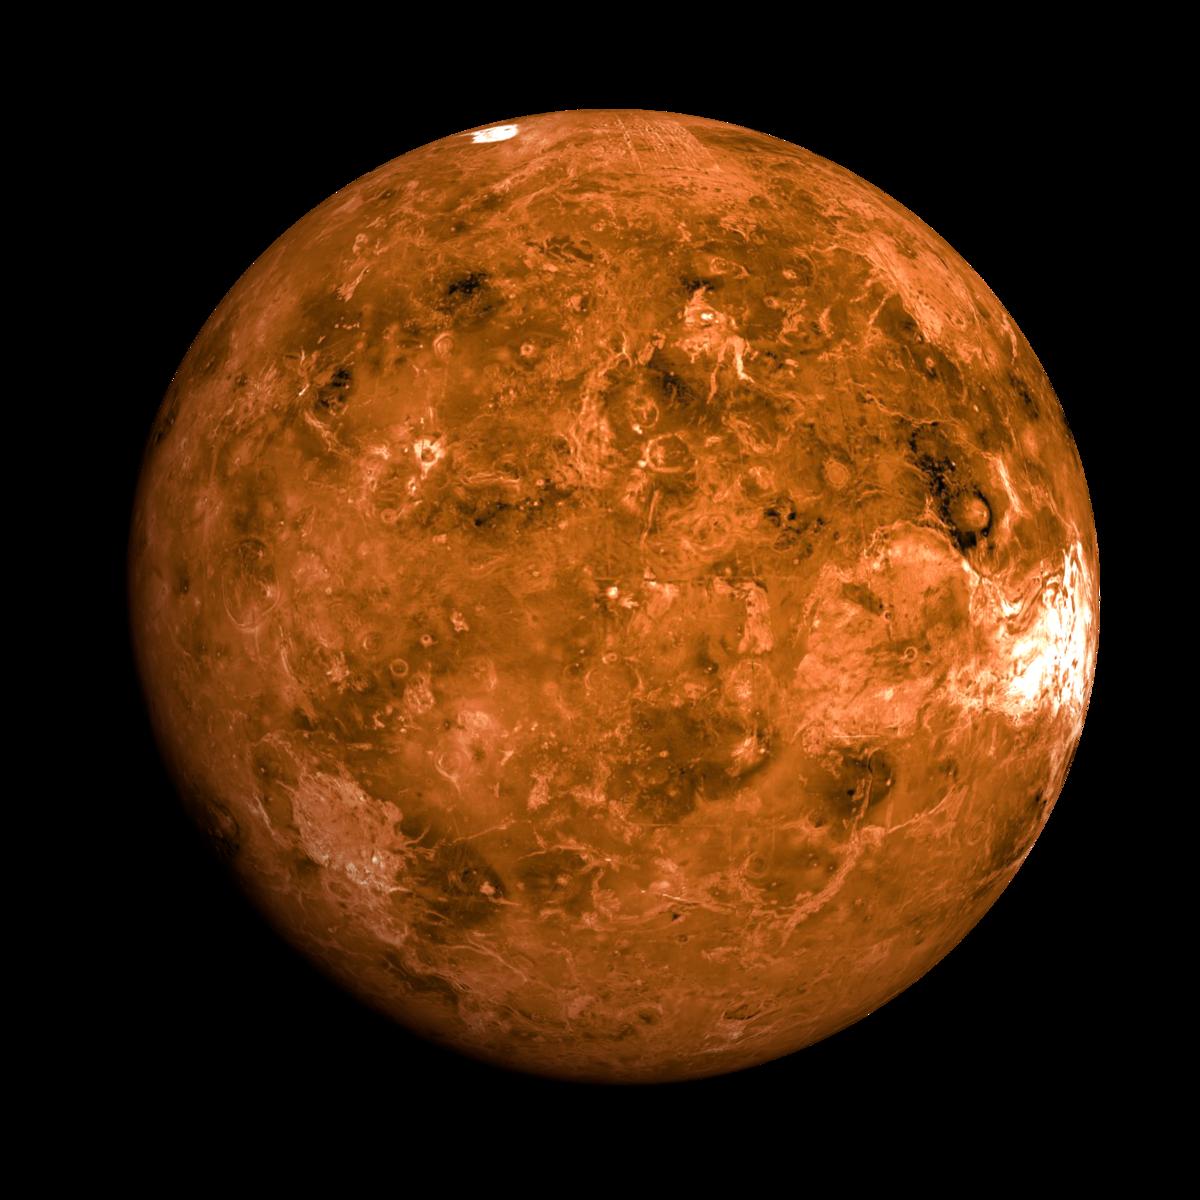 Венера картинки для детей на прозрачном фоне, успением